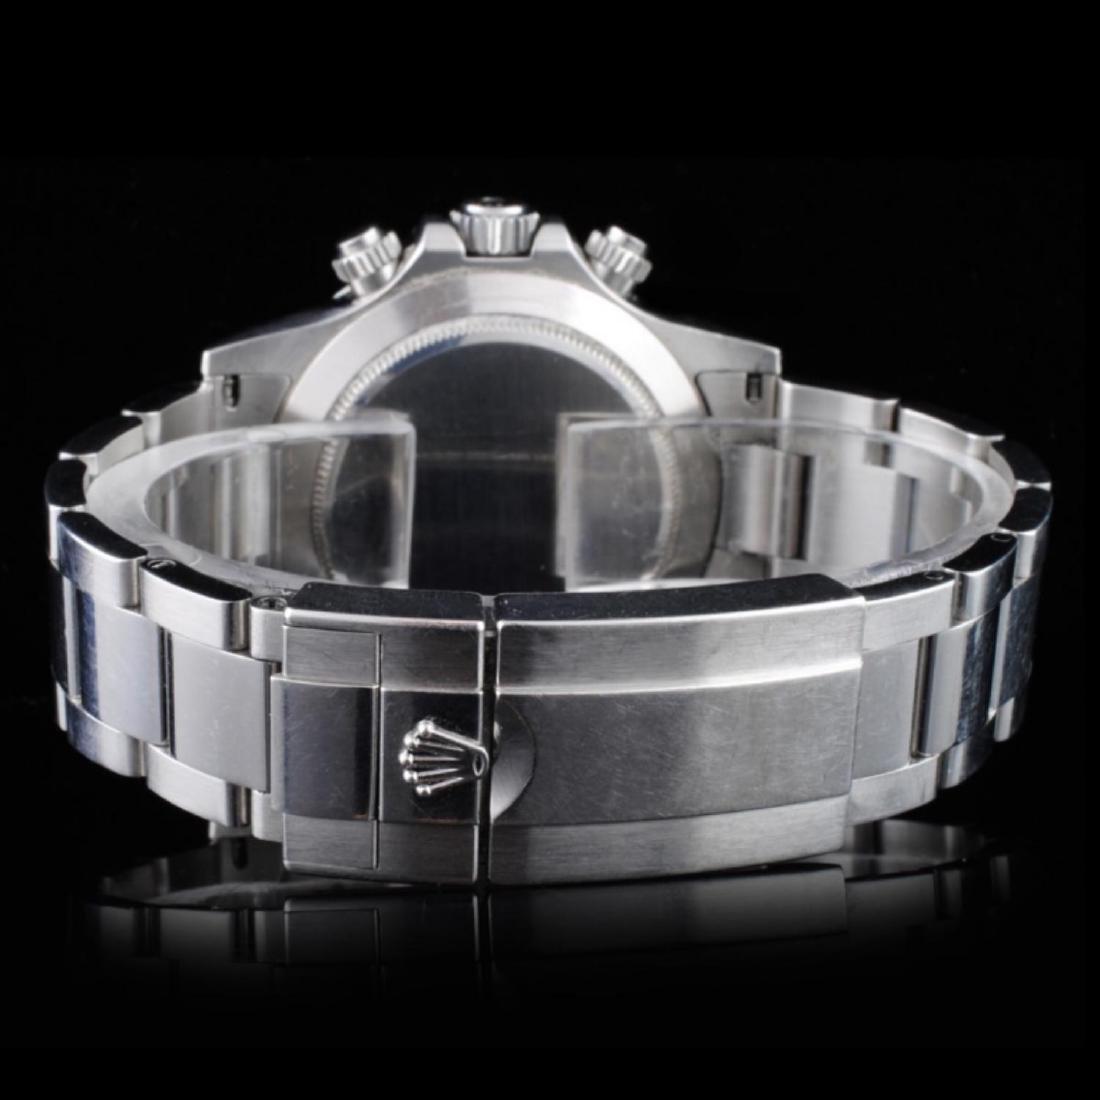 Rolex Daytona Stainless Steel Wristwatch - 3